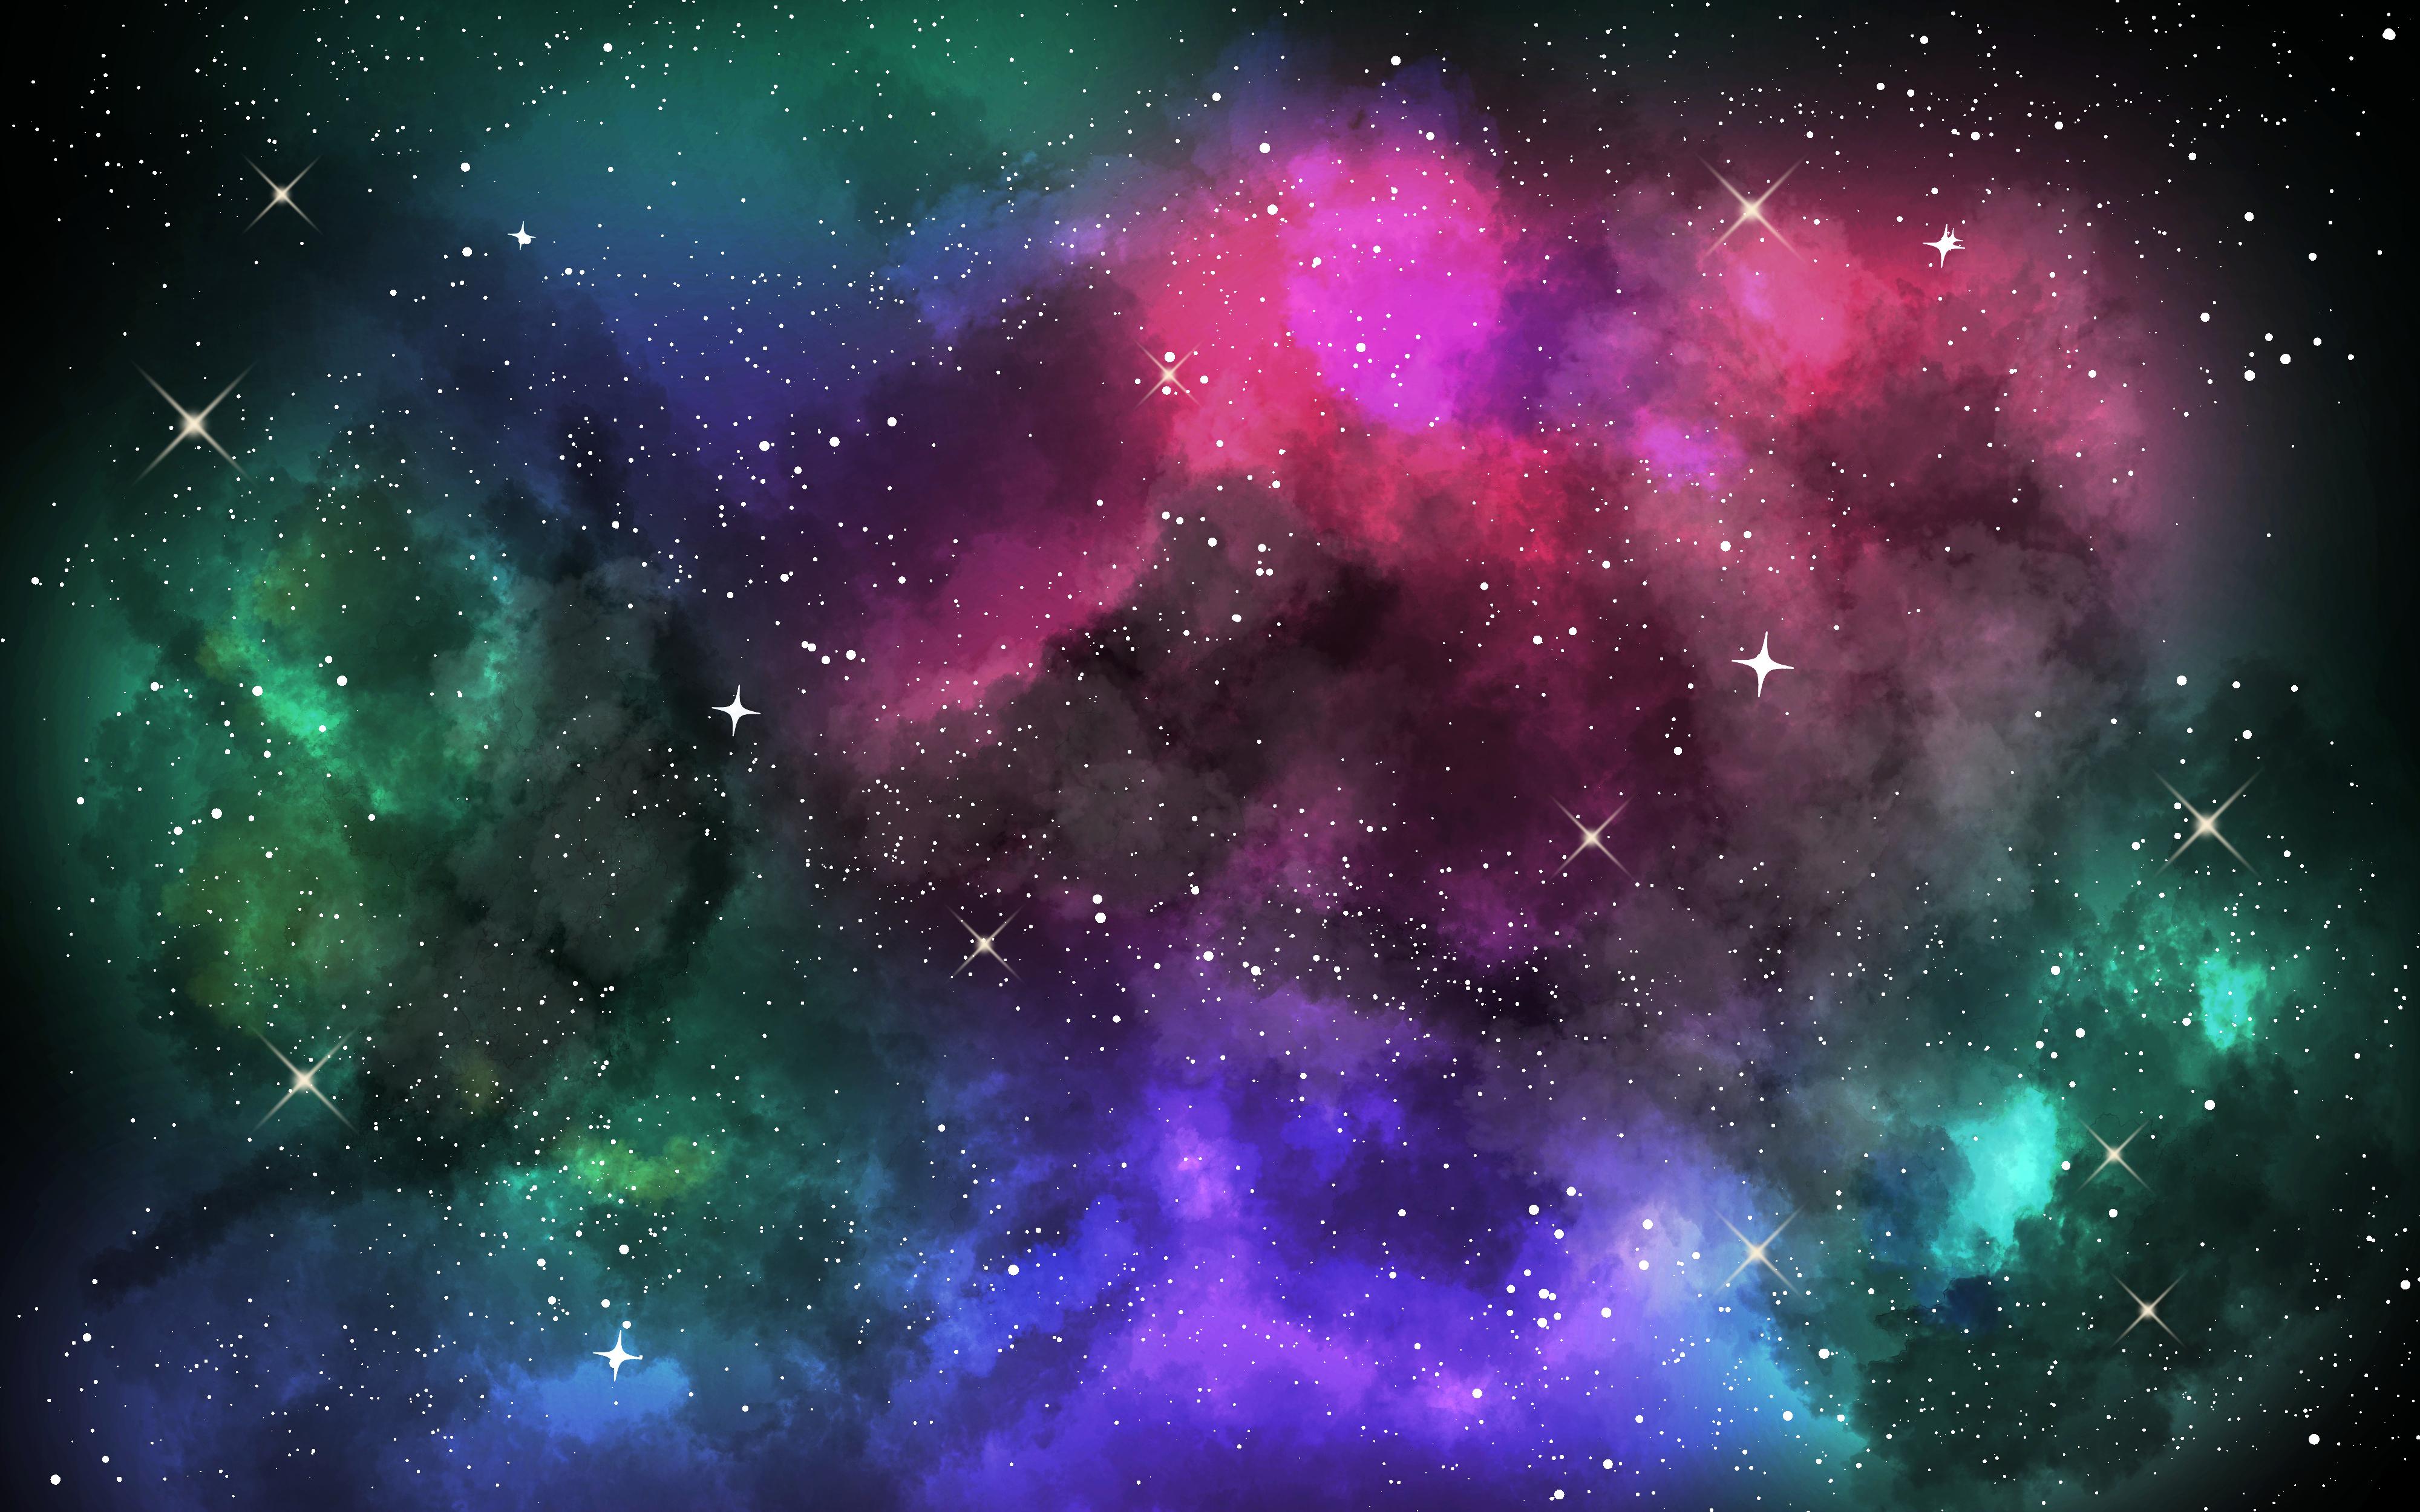 夜空と星雲の描き方 By X U Clip Studio Tips